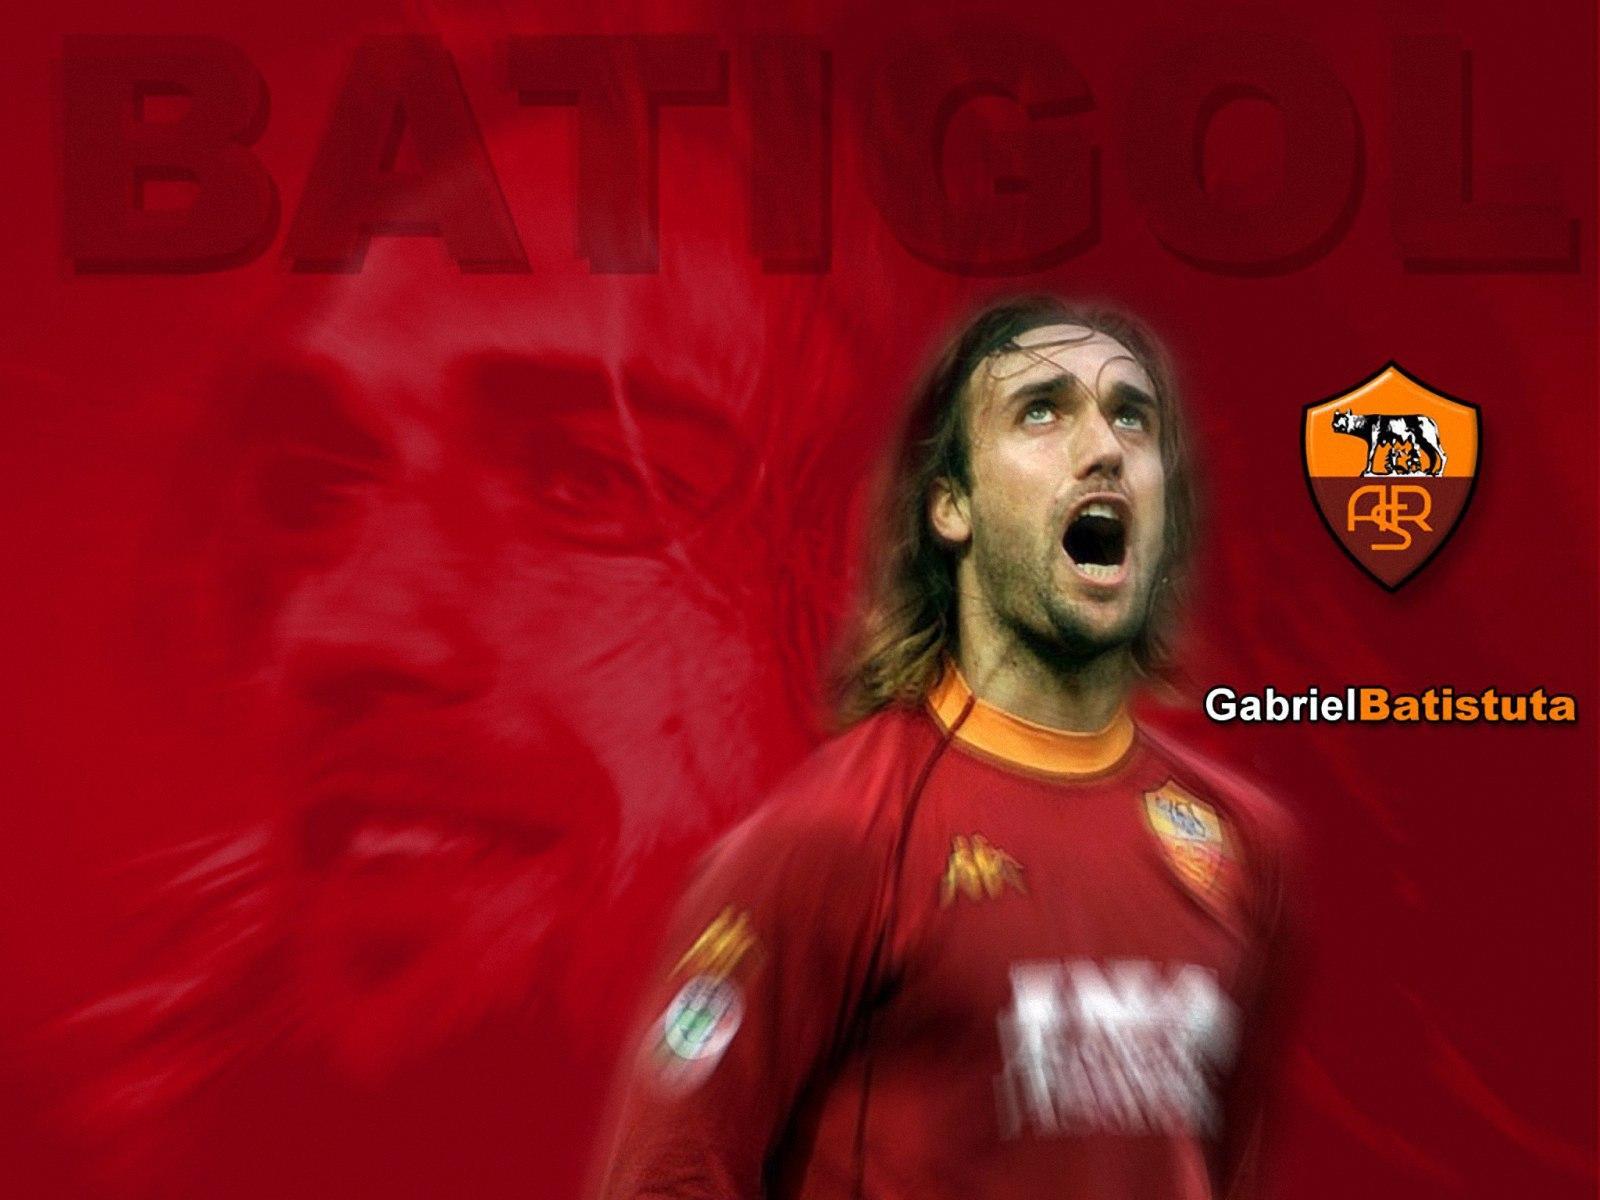 Gabriel Batistuta8 WallpapersSoccer Football Wallpapers 1600x1200